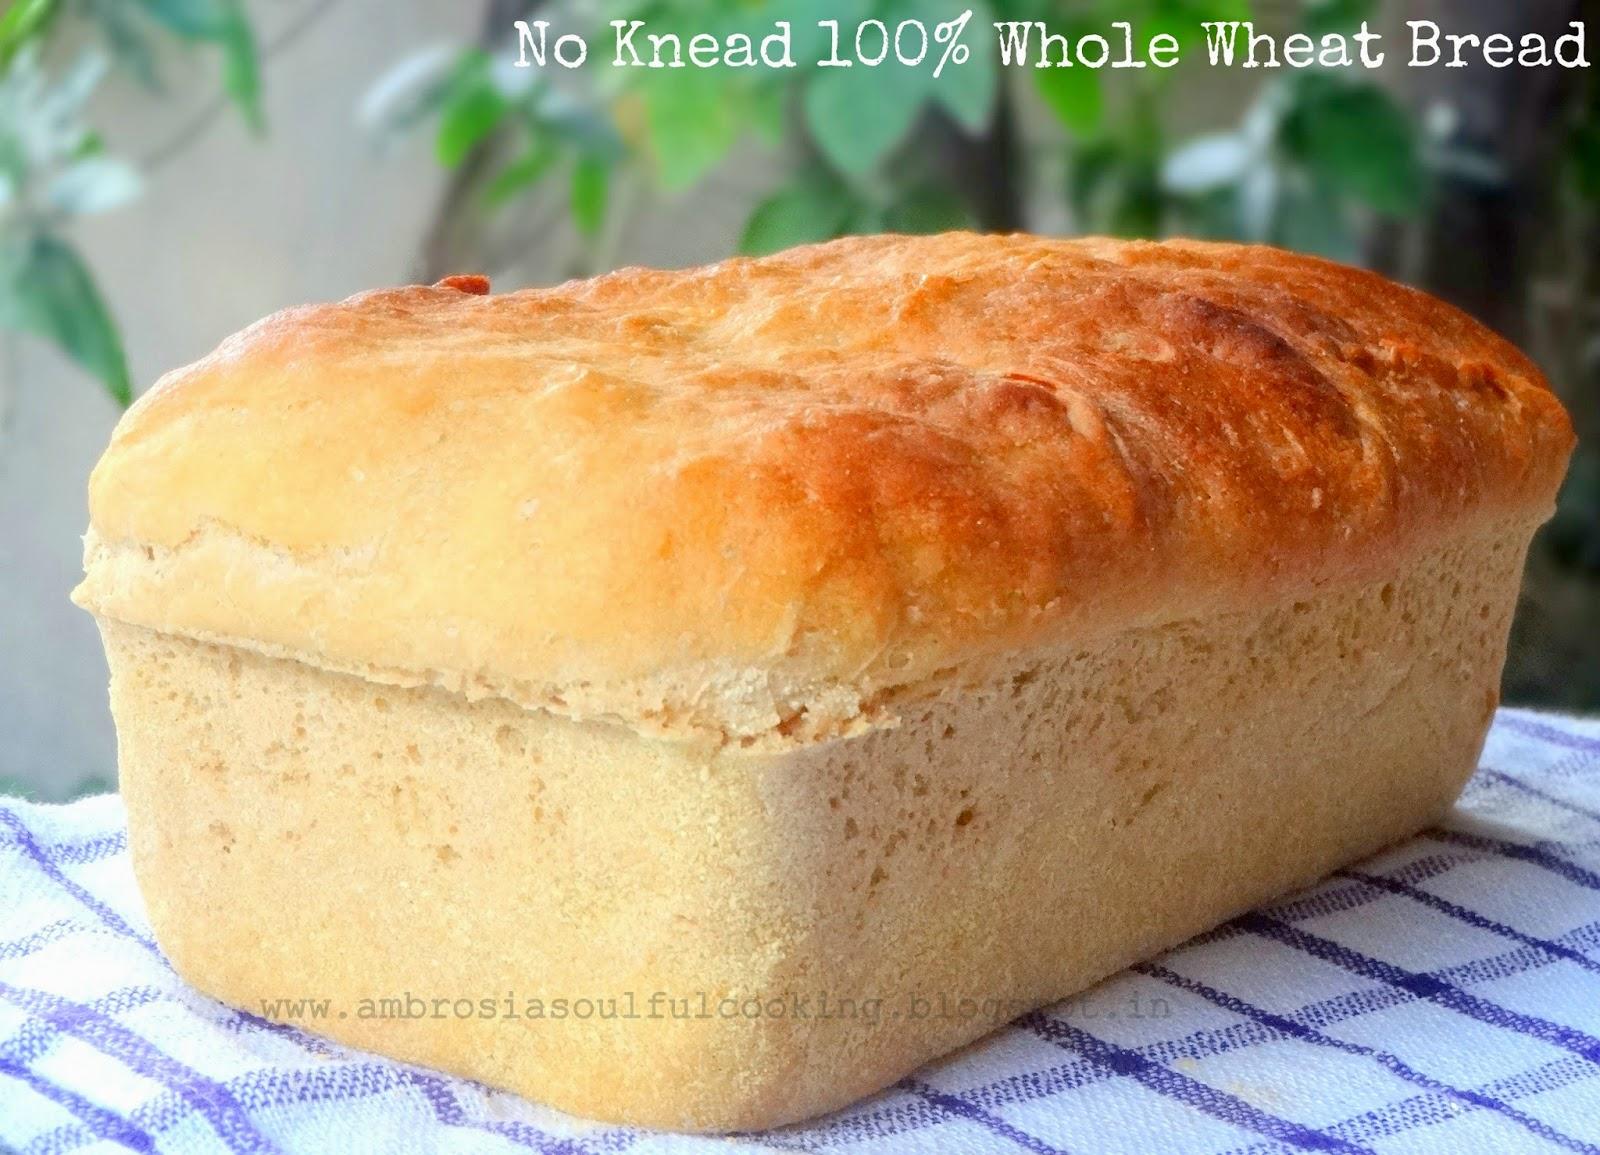 AMBROSIA: No Knead 100% Whole Wheat Bread